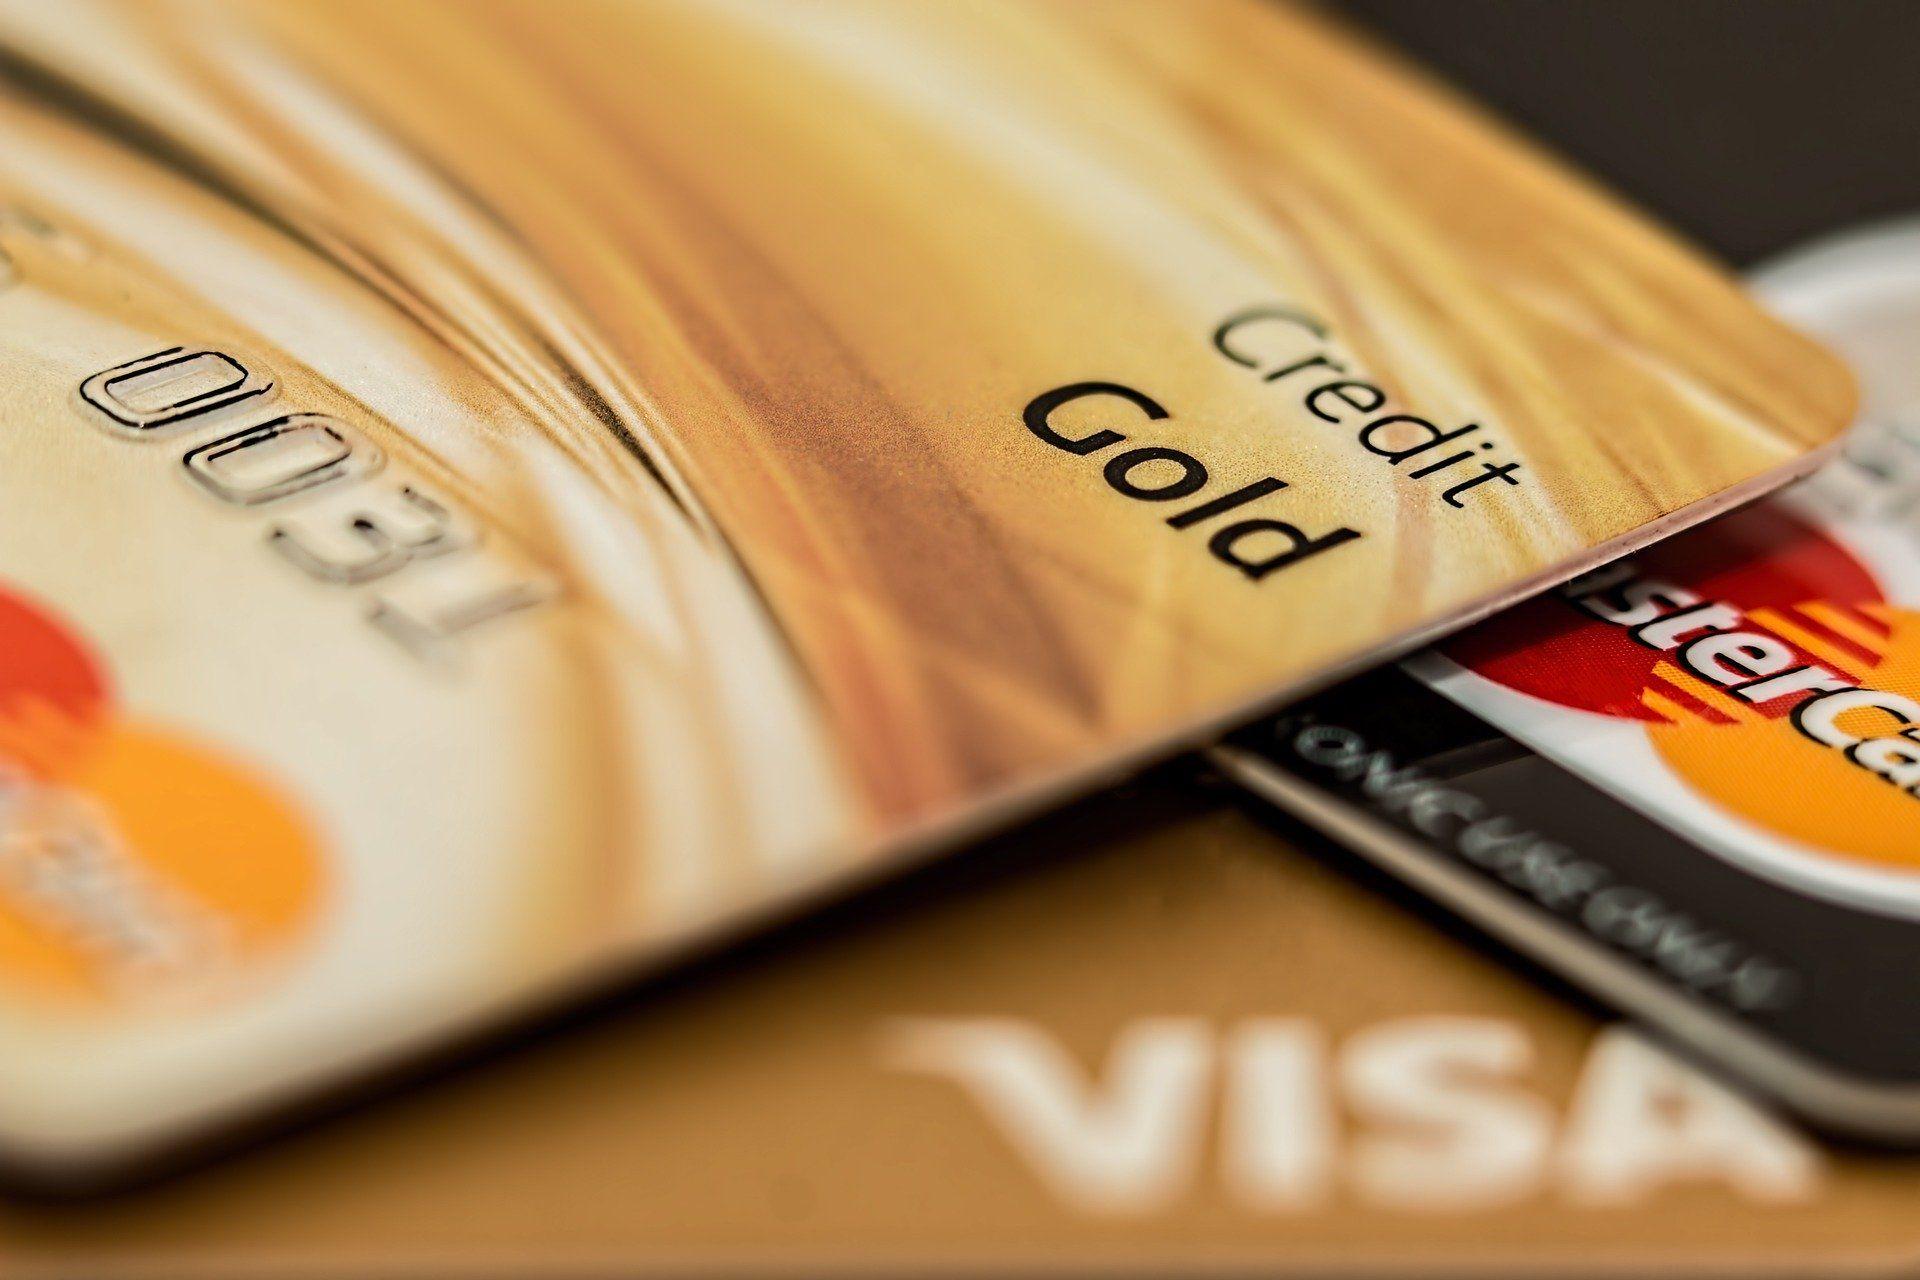 Reclamación tarjetas de crédito(anulación tarjetas revolving): Areas de actuación de Abogada Mónica Menéndez